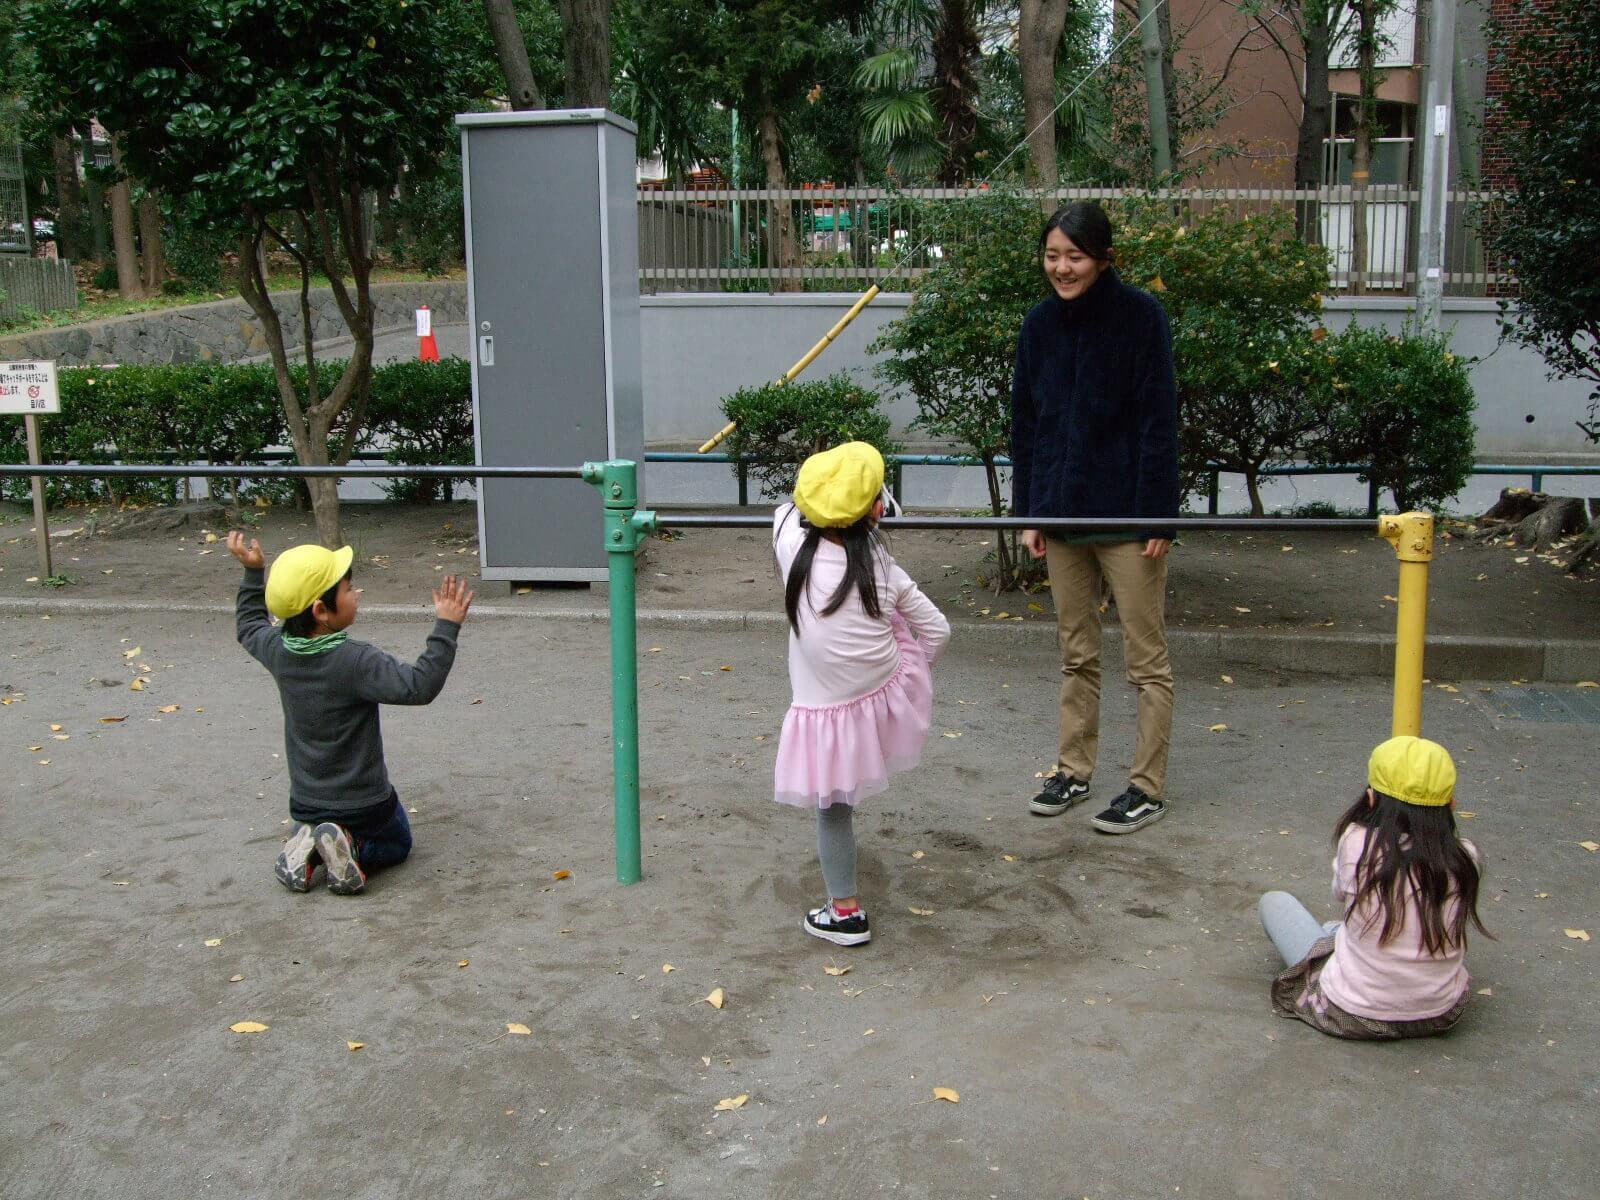 鉄棒する園児と橋本さん